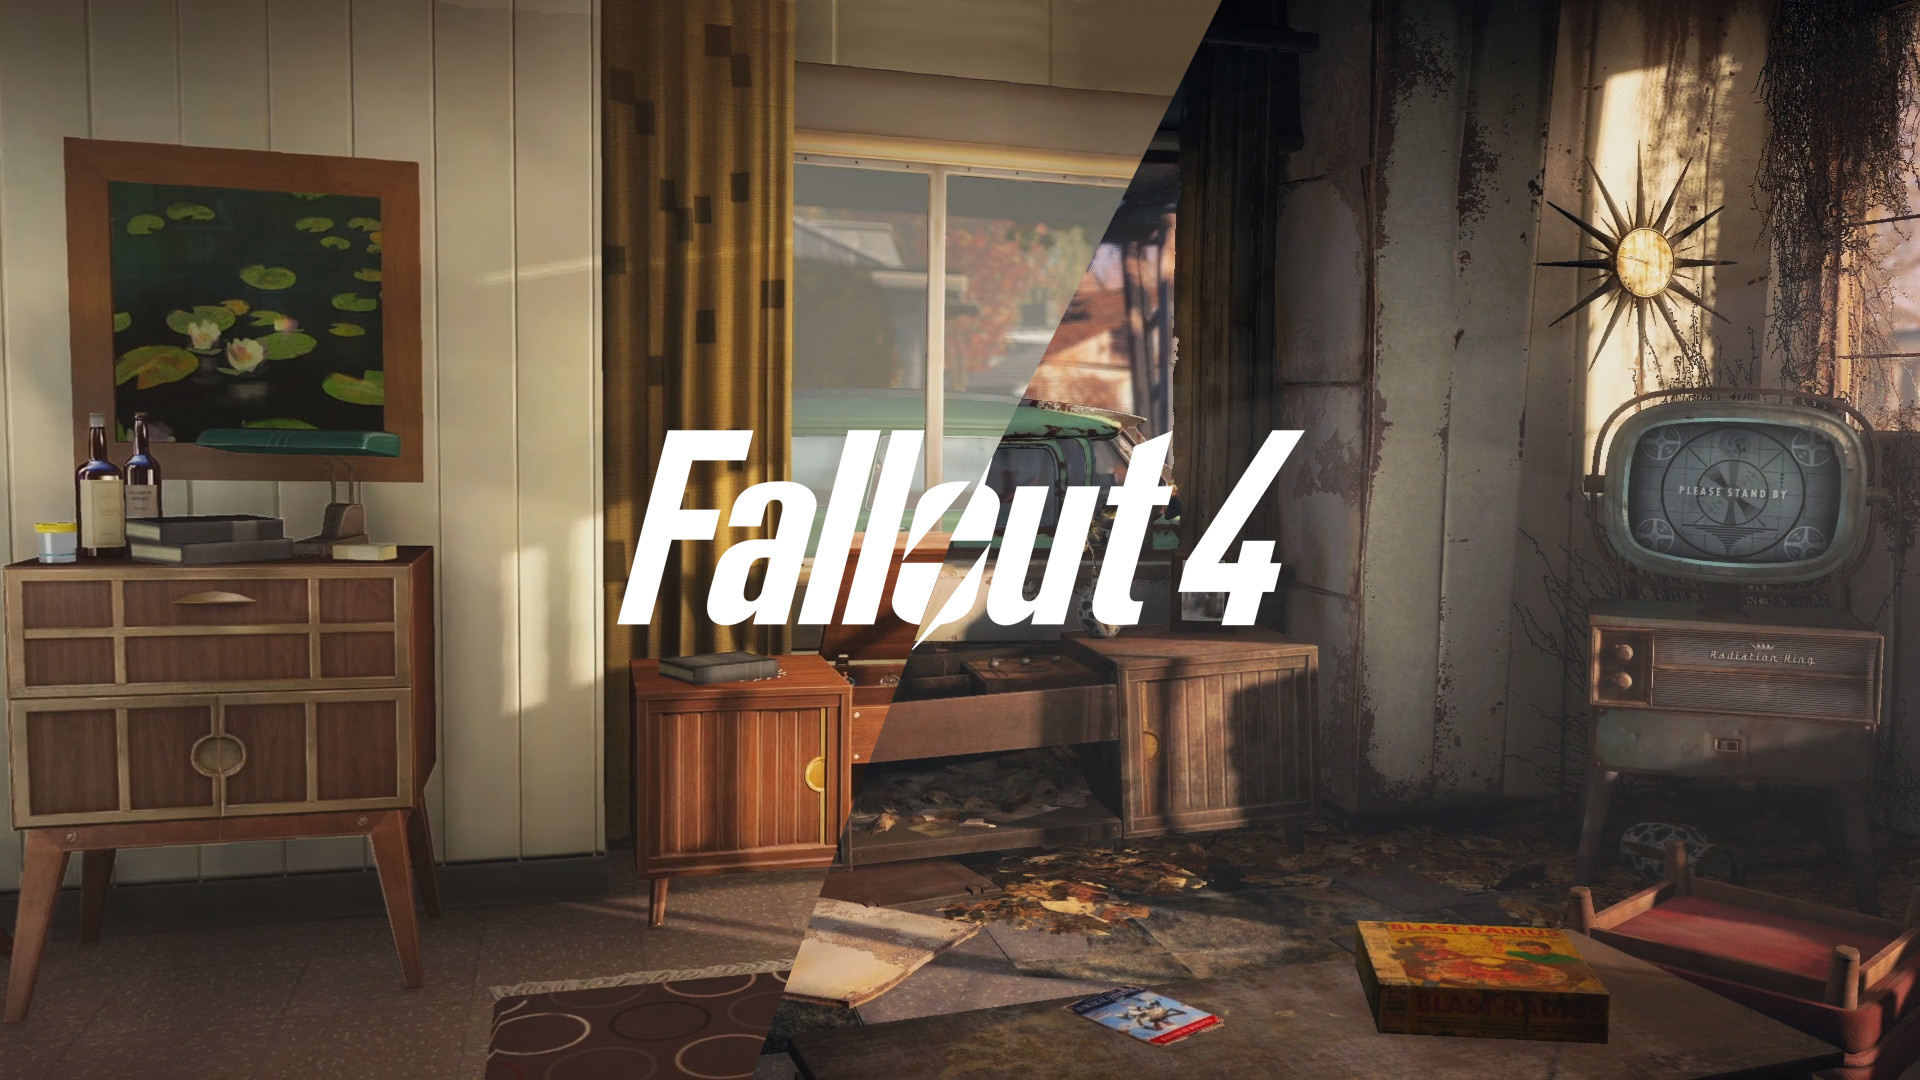 Fallout 4 Wallpaper 6702